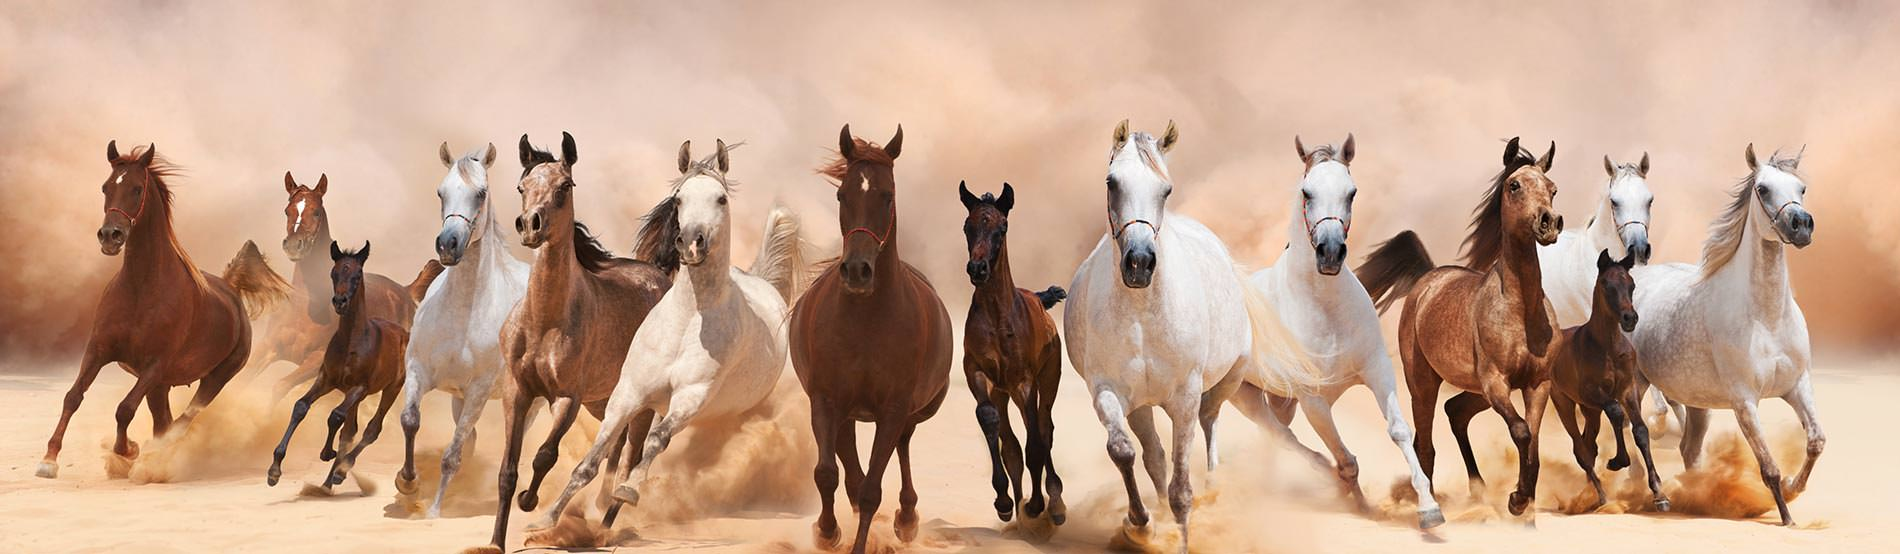 постер бегущая лошадь как-то